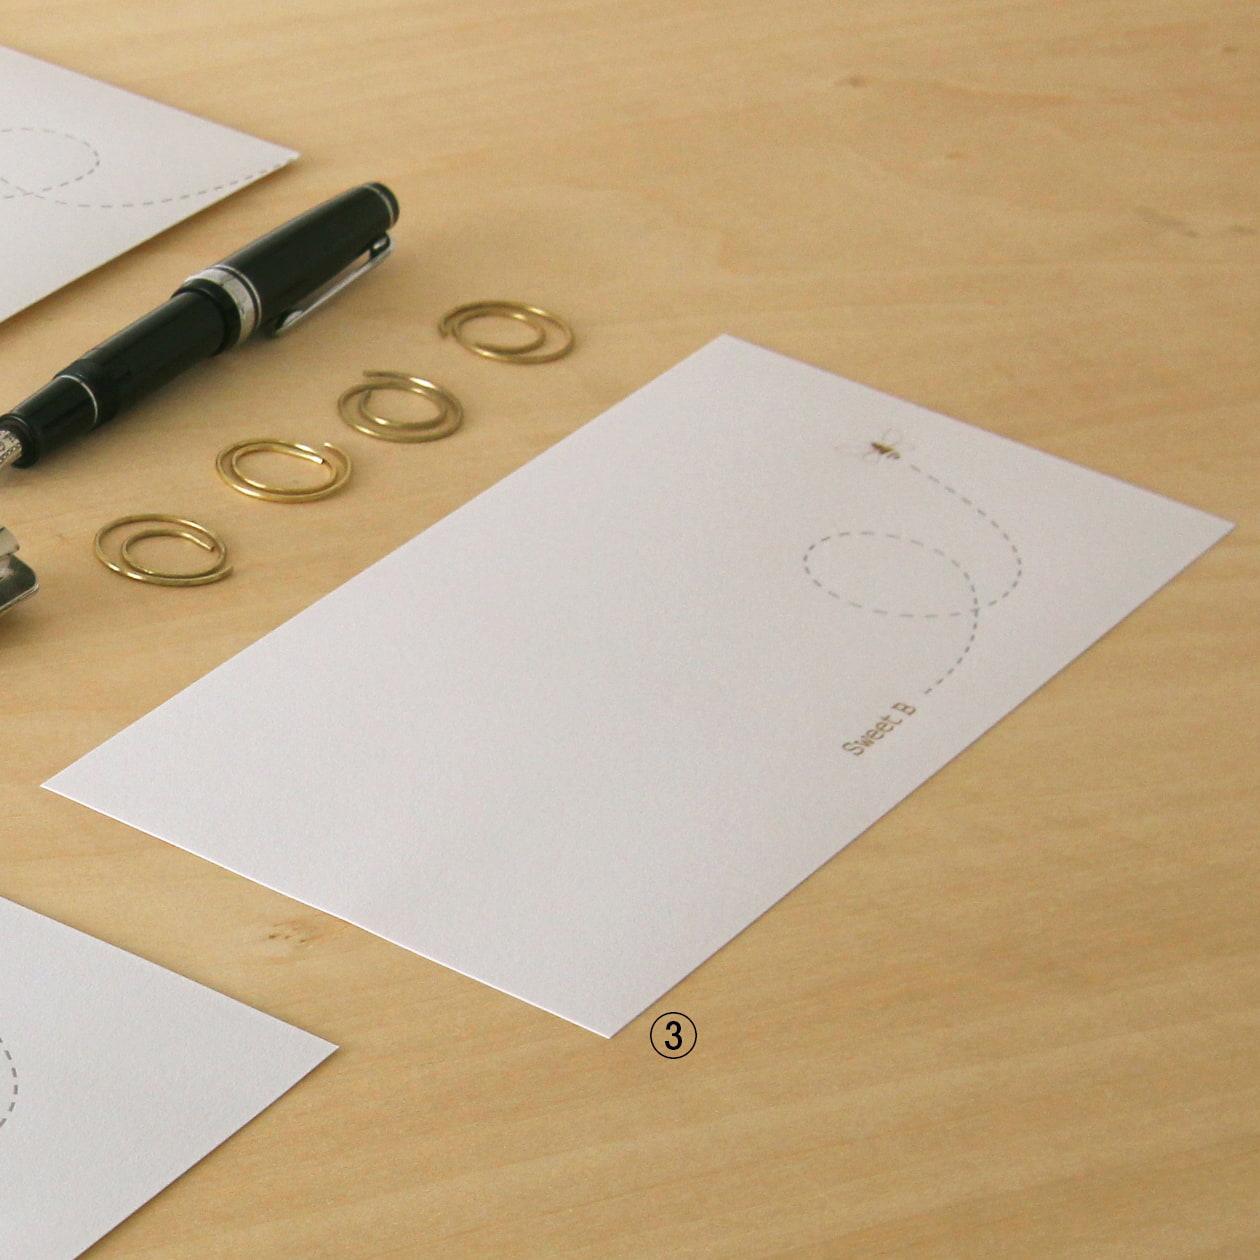 デザインと加工で楽しむレターヘッド